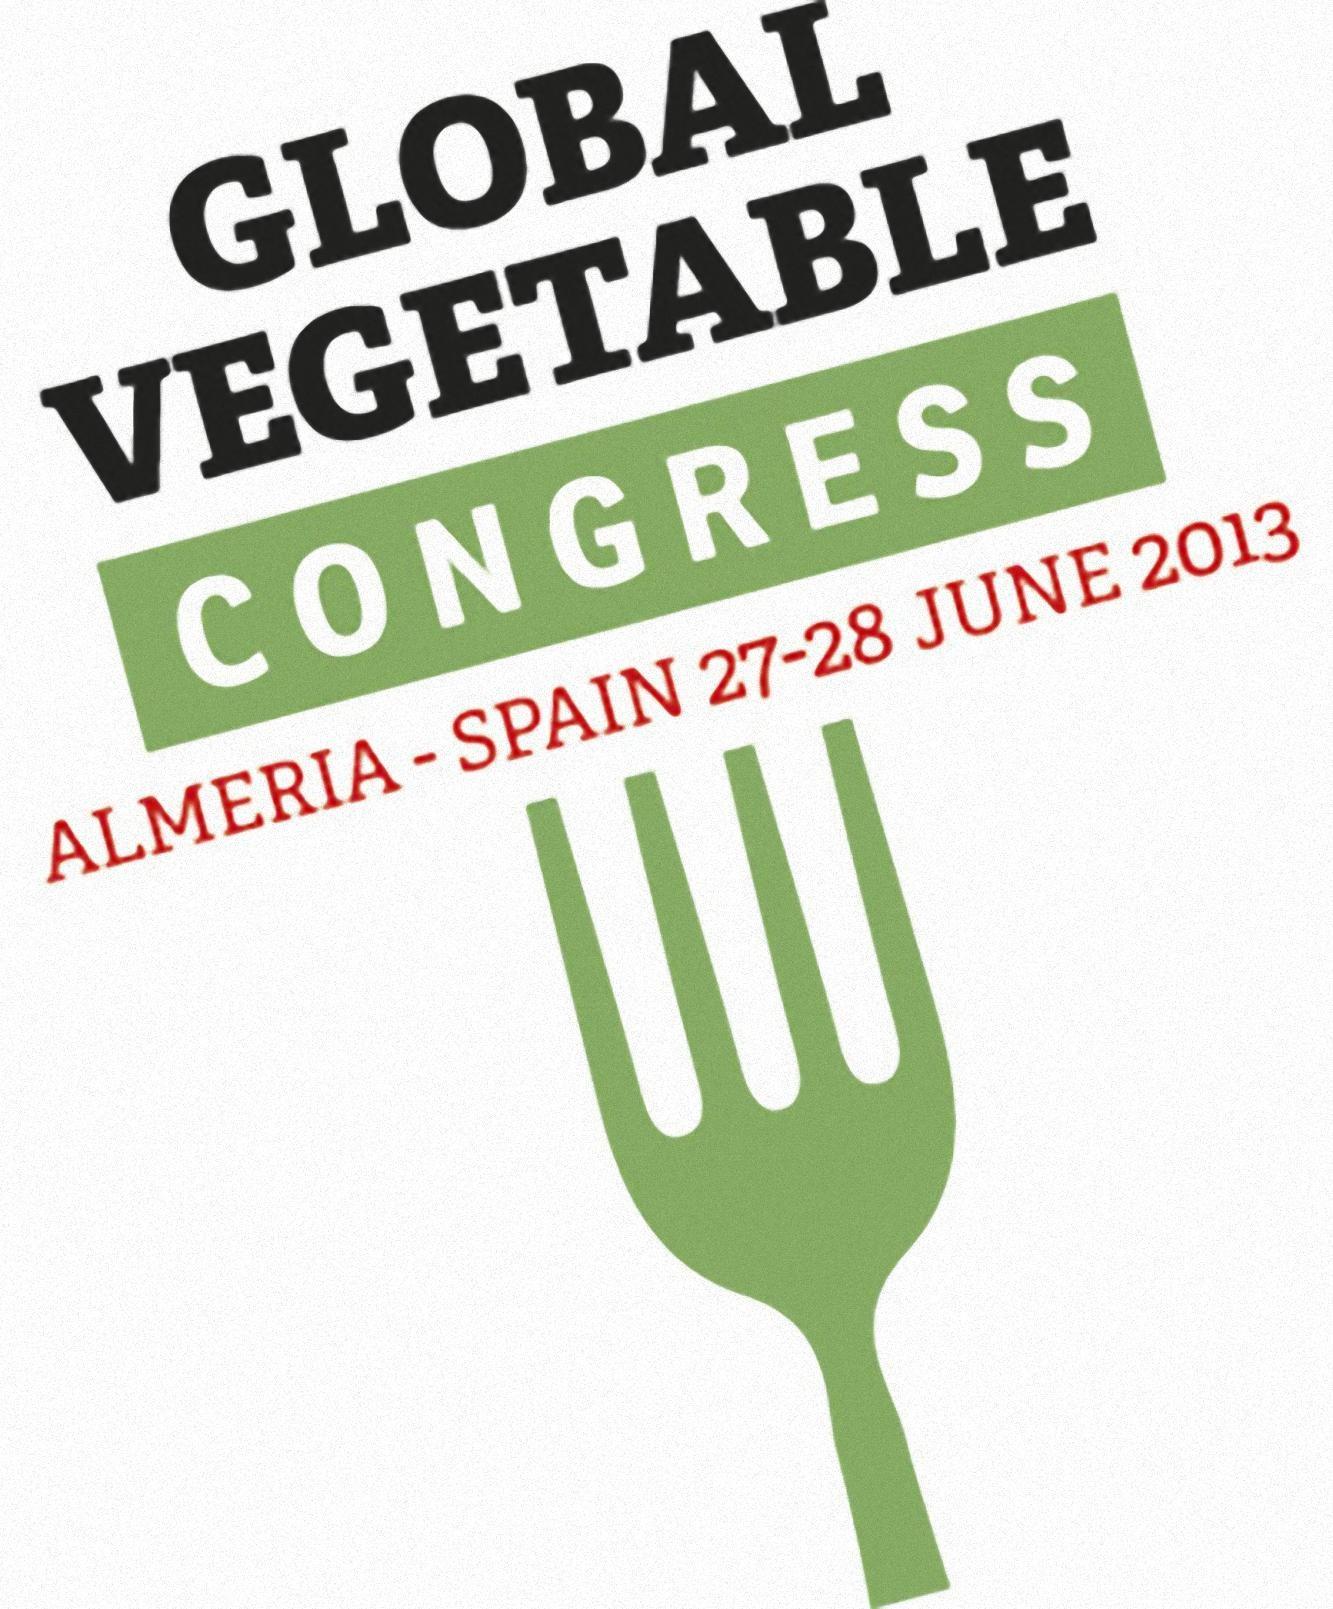 Global Vegetable Congress Almería